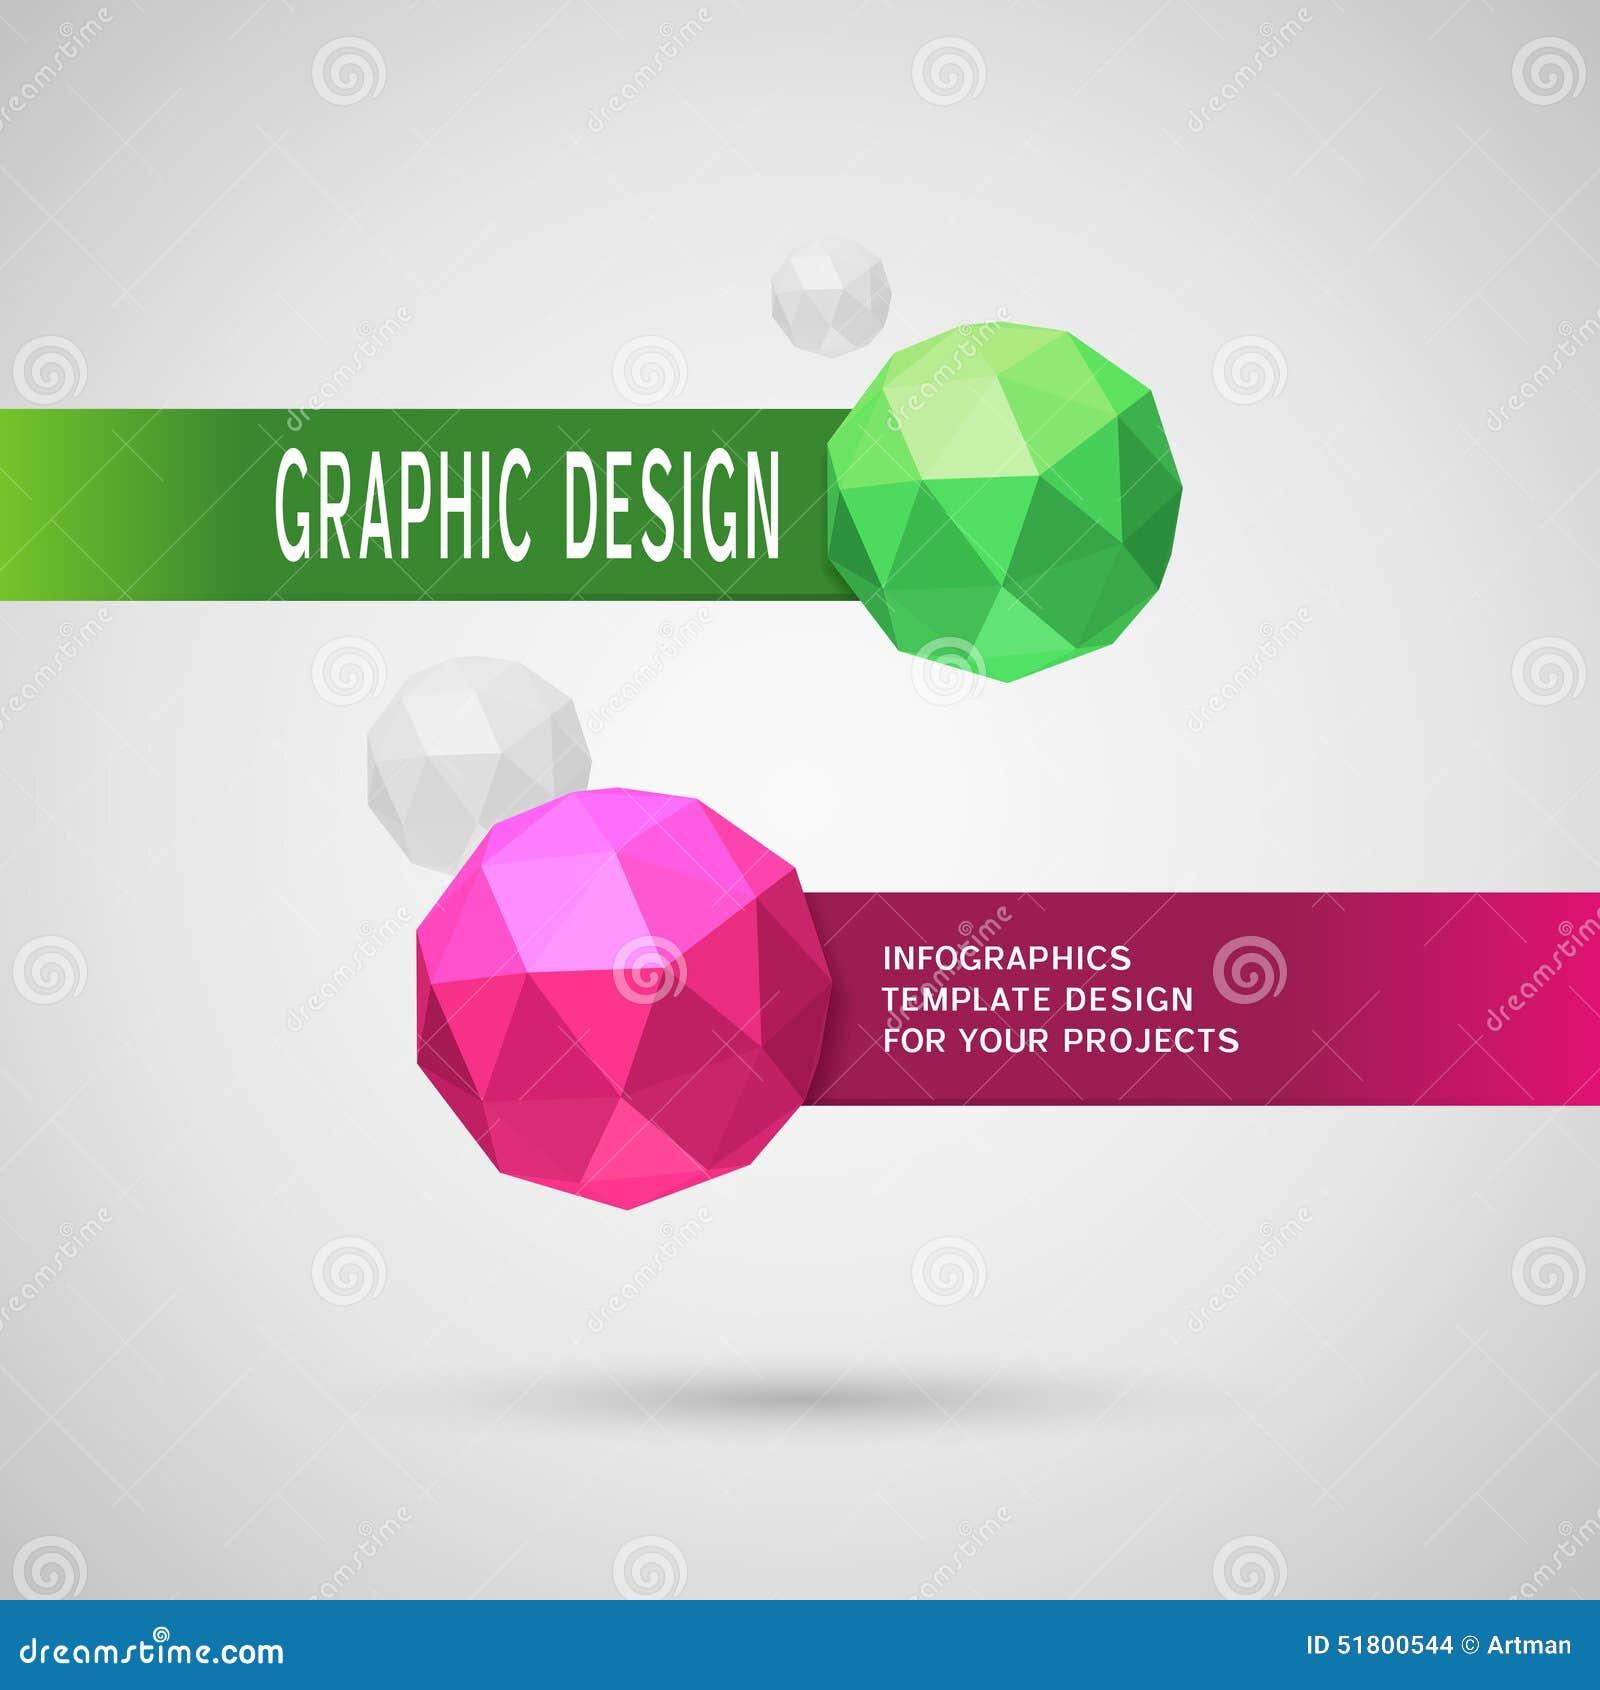 Projeto infographic abstrato com dois elementos esféricos